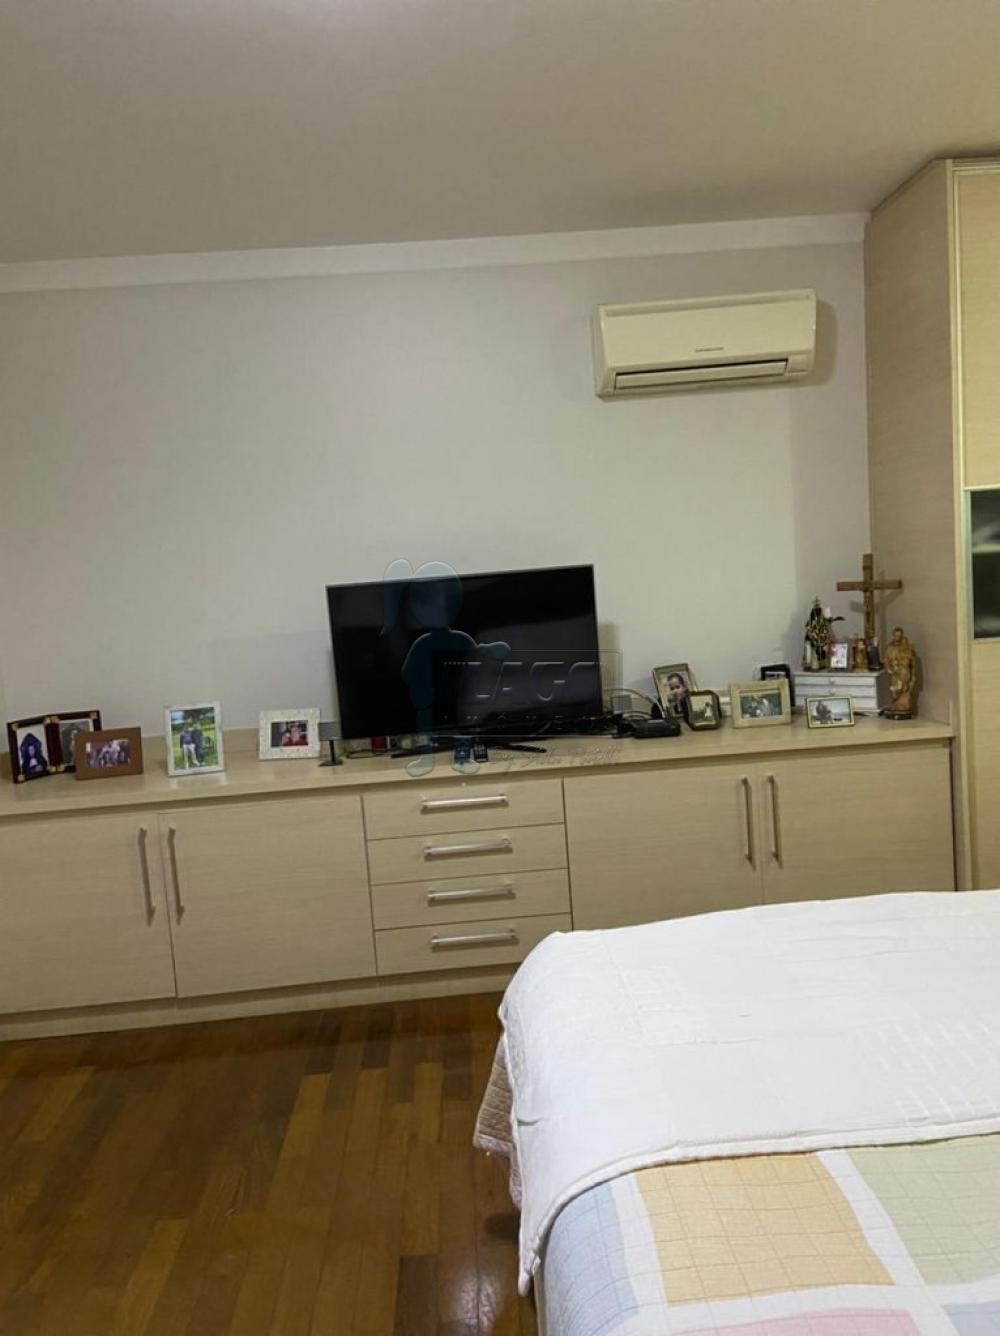 Comprar Apartamento / Padrão em Ribeirão Preto R$ 1.300.000,00 - Foto 10